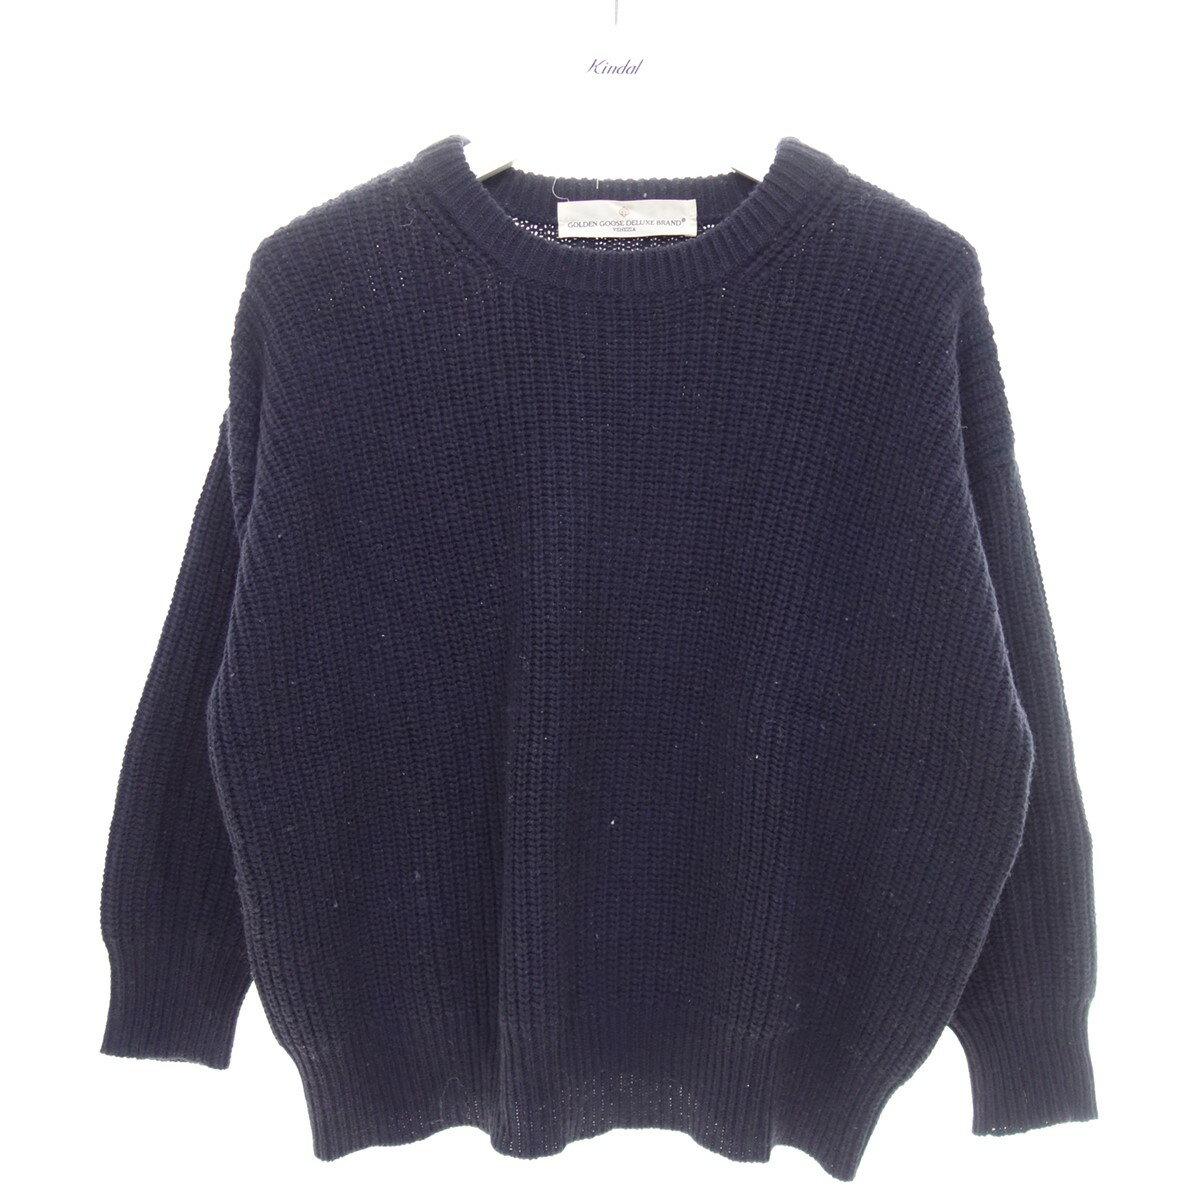 ニット・セーター, セーター GOLDEN GOOSE XS 290920